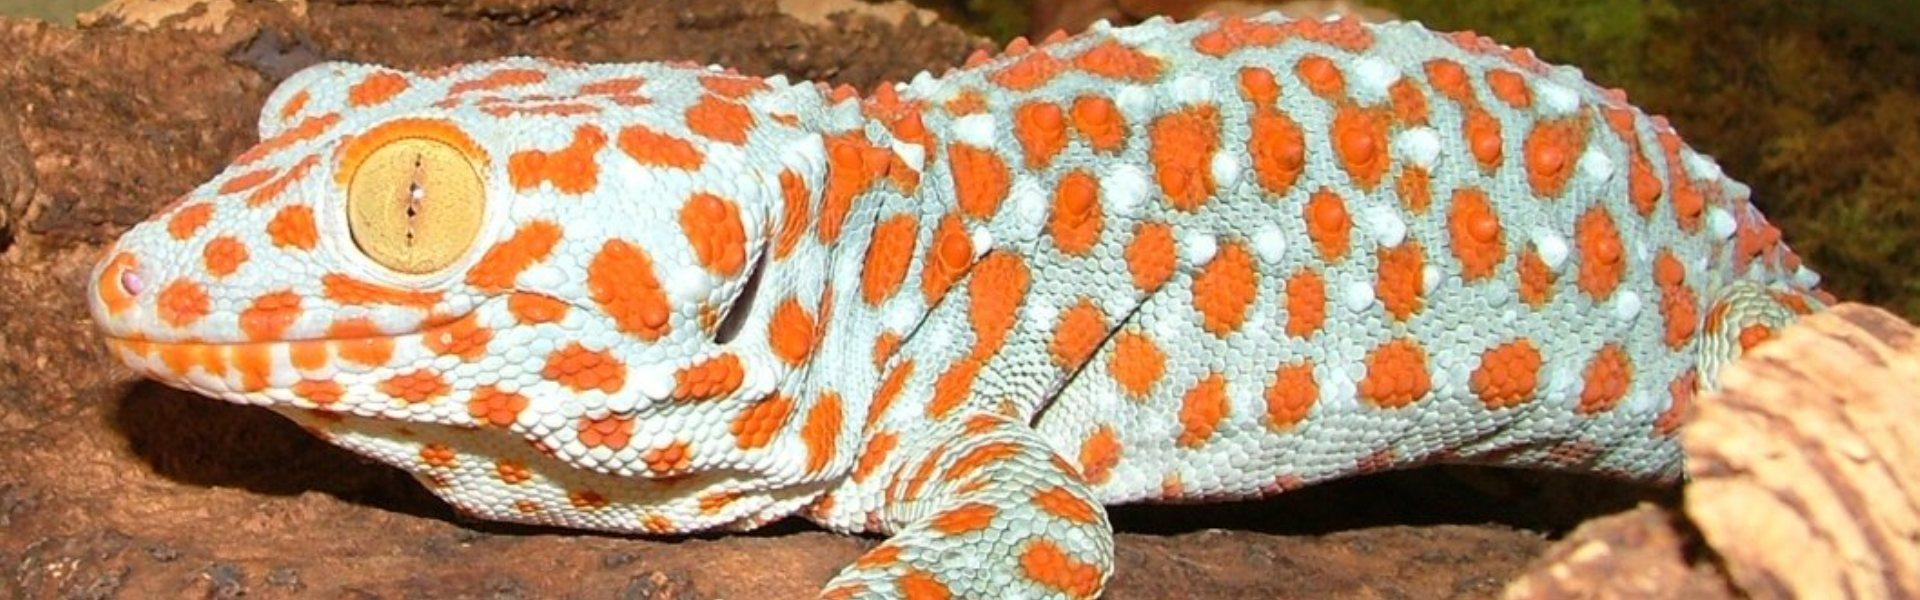 Îngrijire Gecko Tokay - una dintre cele mai mari specii de Gecko din lume